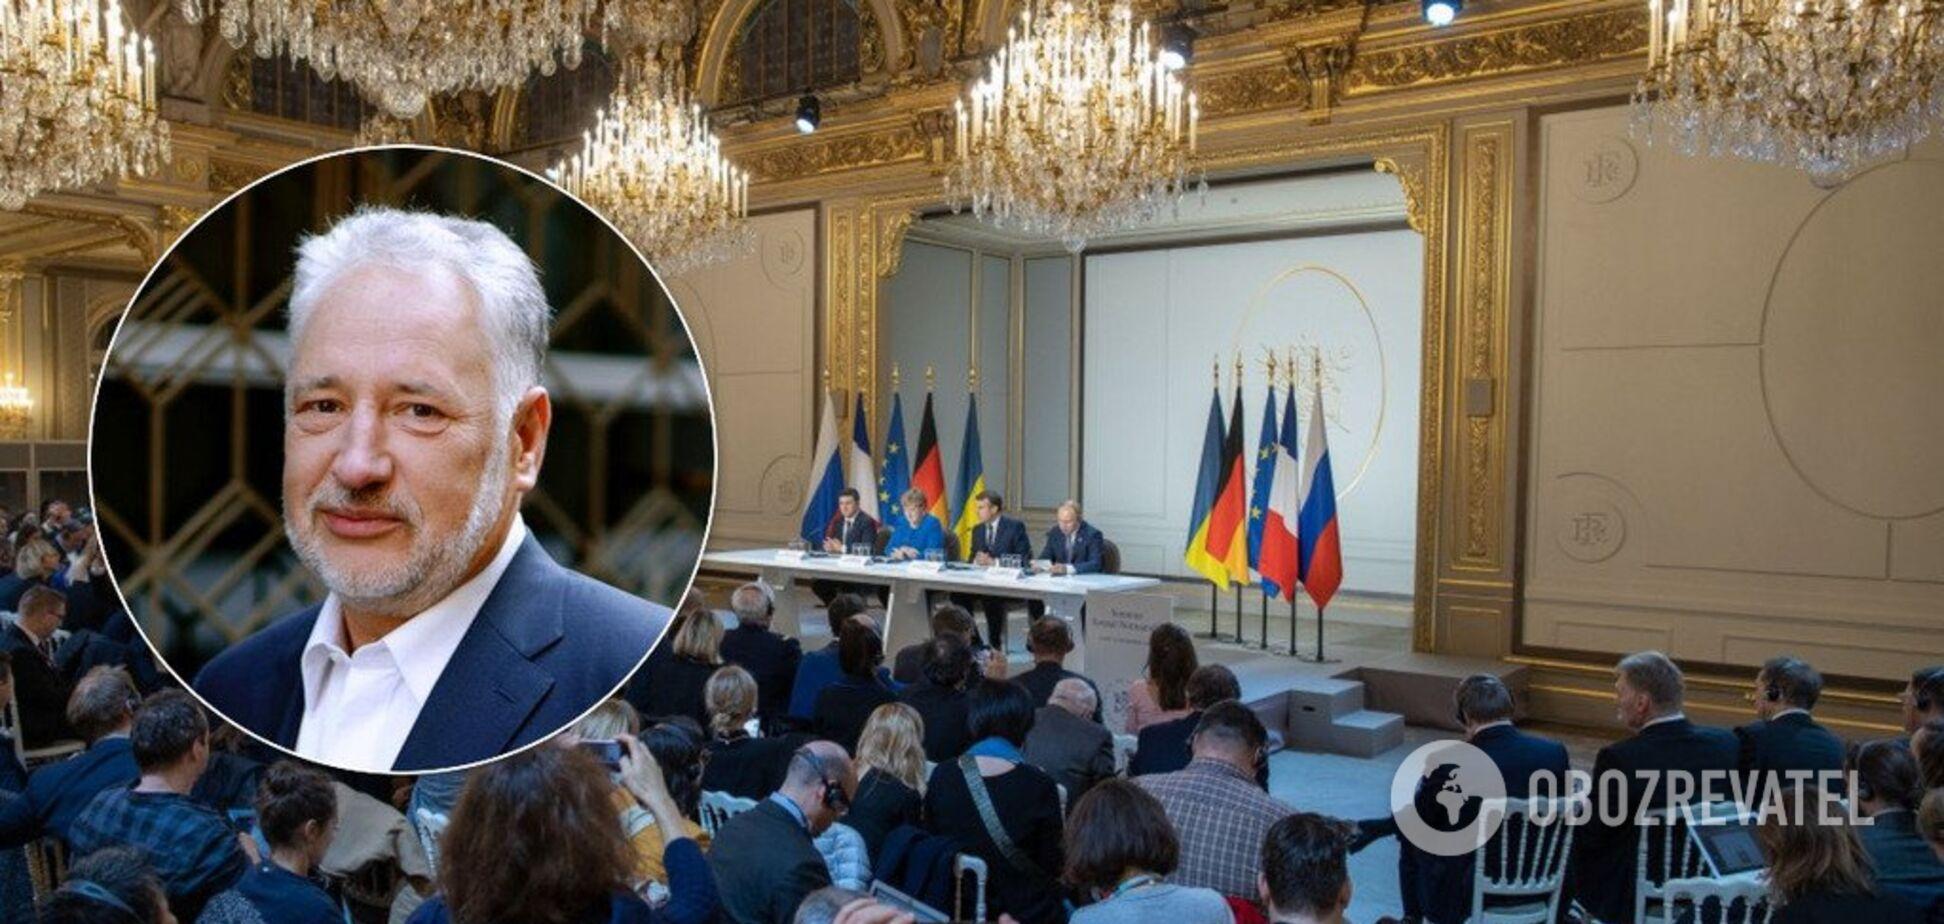 Жебрівський: після Парижу нам потрібно готуватися до широкомасштабної війни